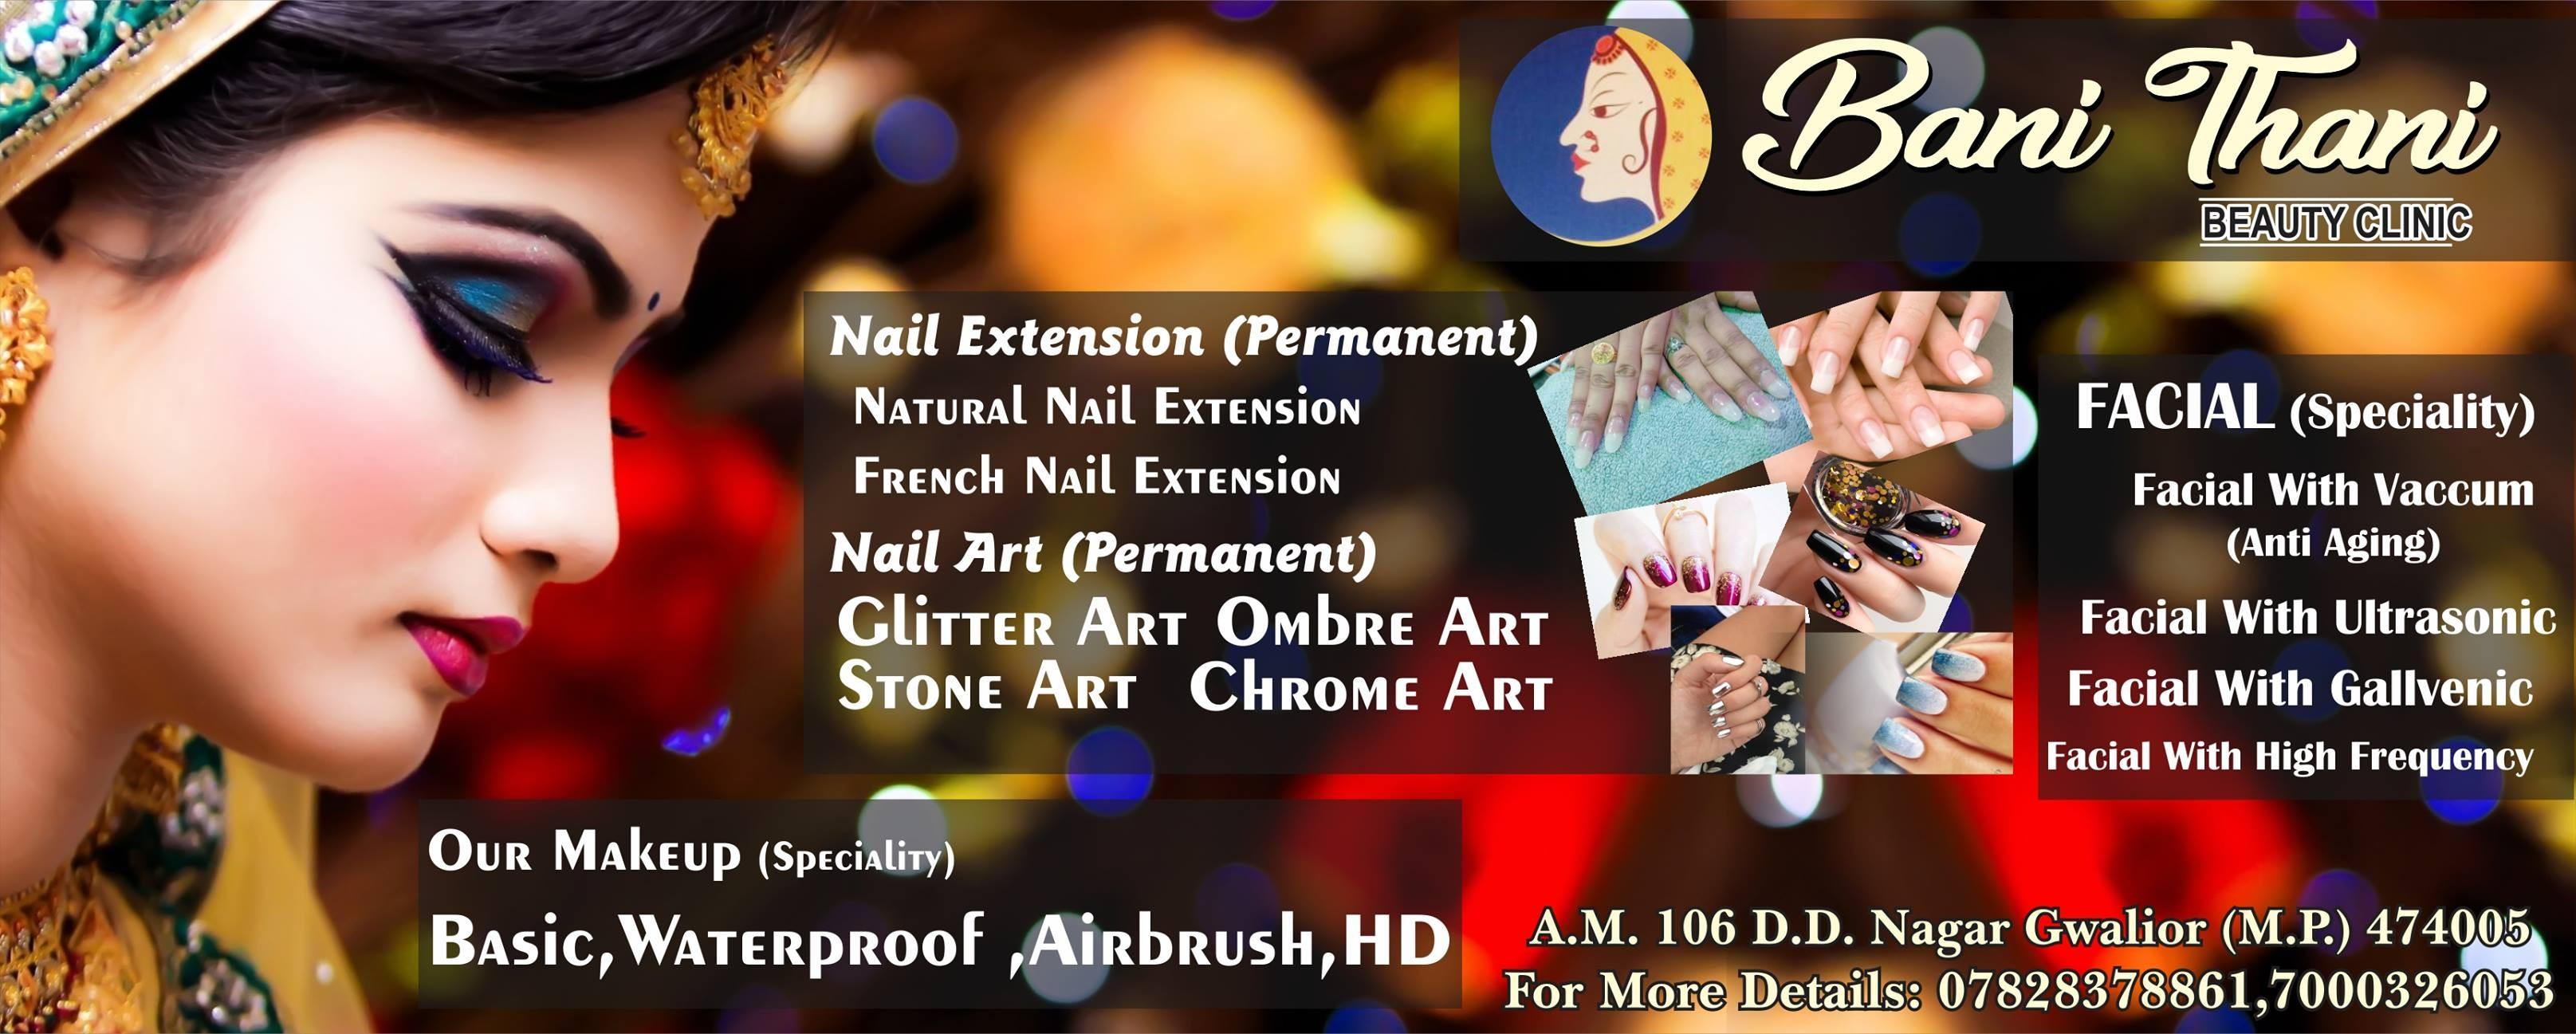 Bani Thani beauty parlour